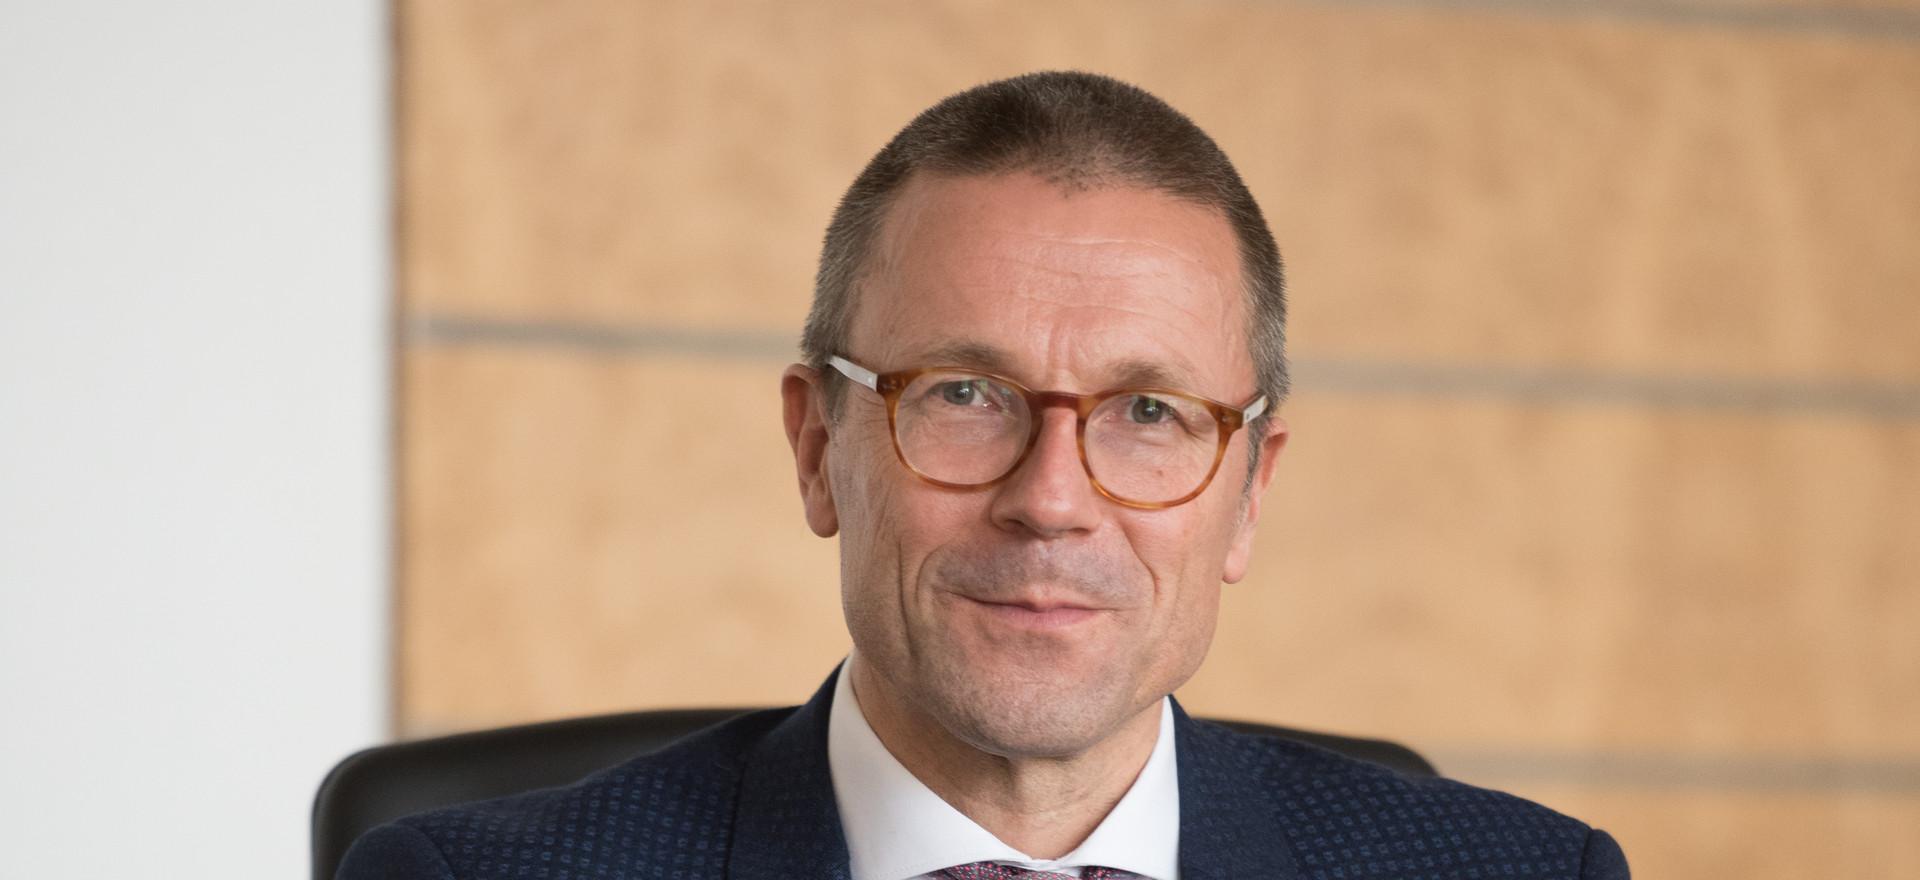 Uwe Schneidewind, Oberbürgermeister der Stadt Wuppertal und ehemaliger Präsident des Wuppertal Instituts für Klima, Umwelt, Energie